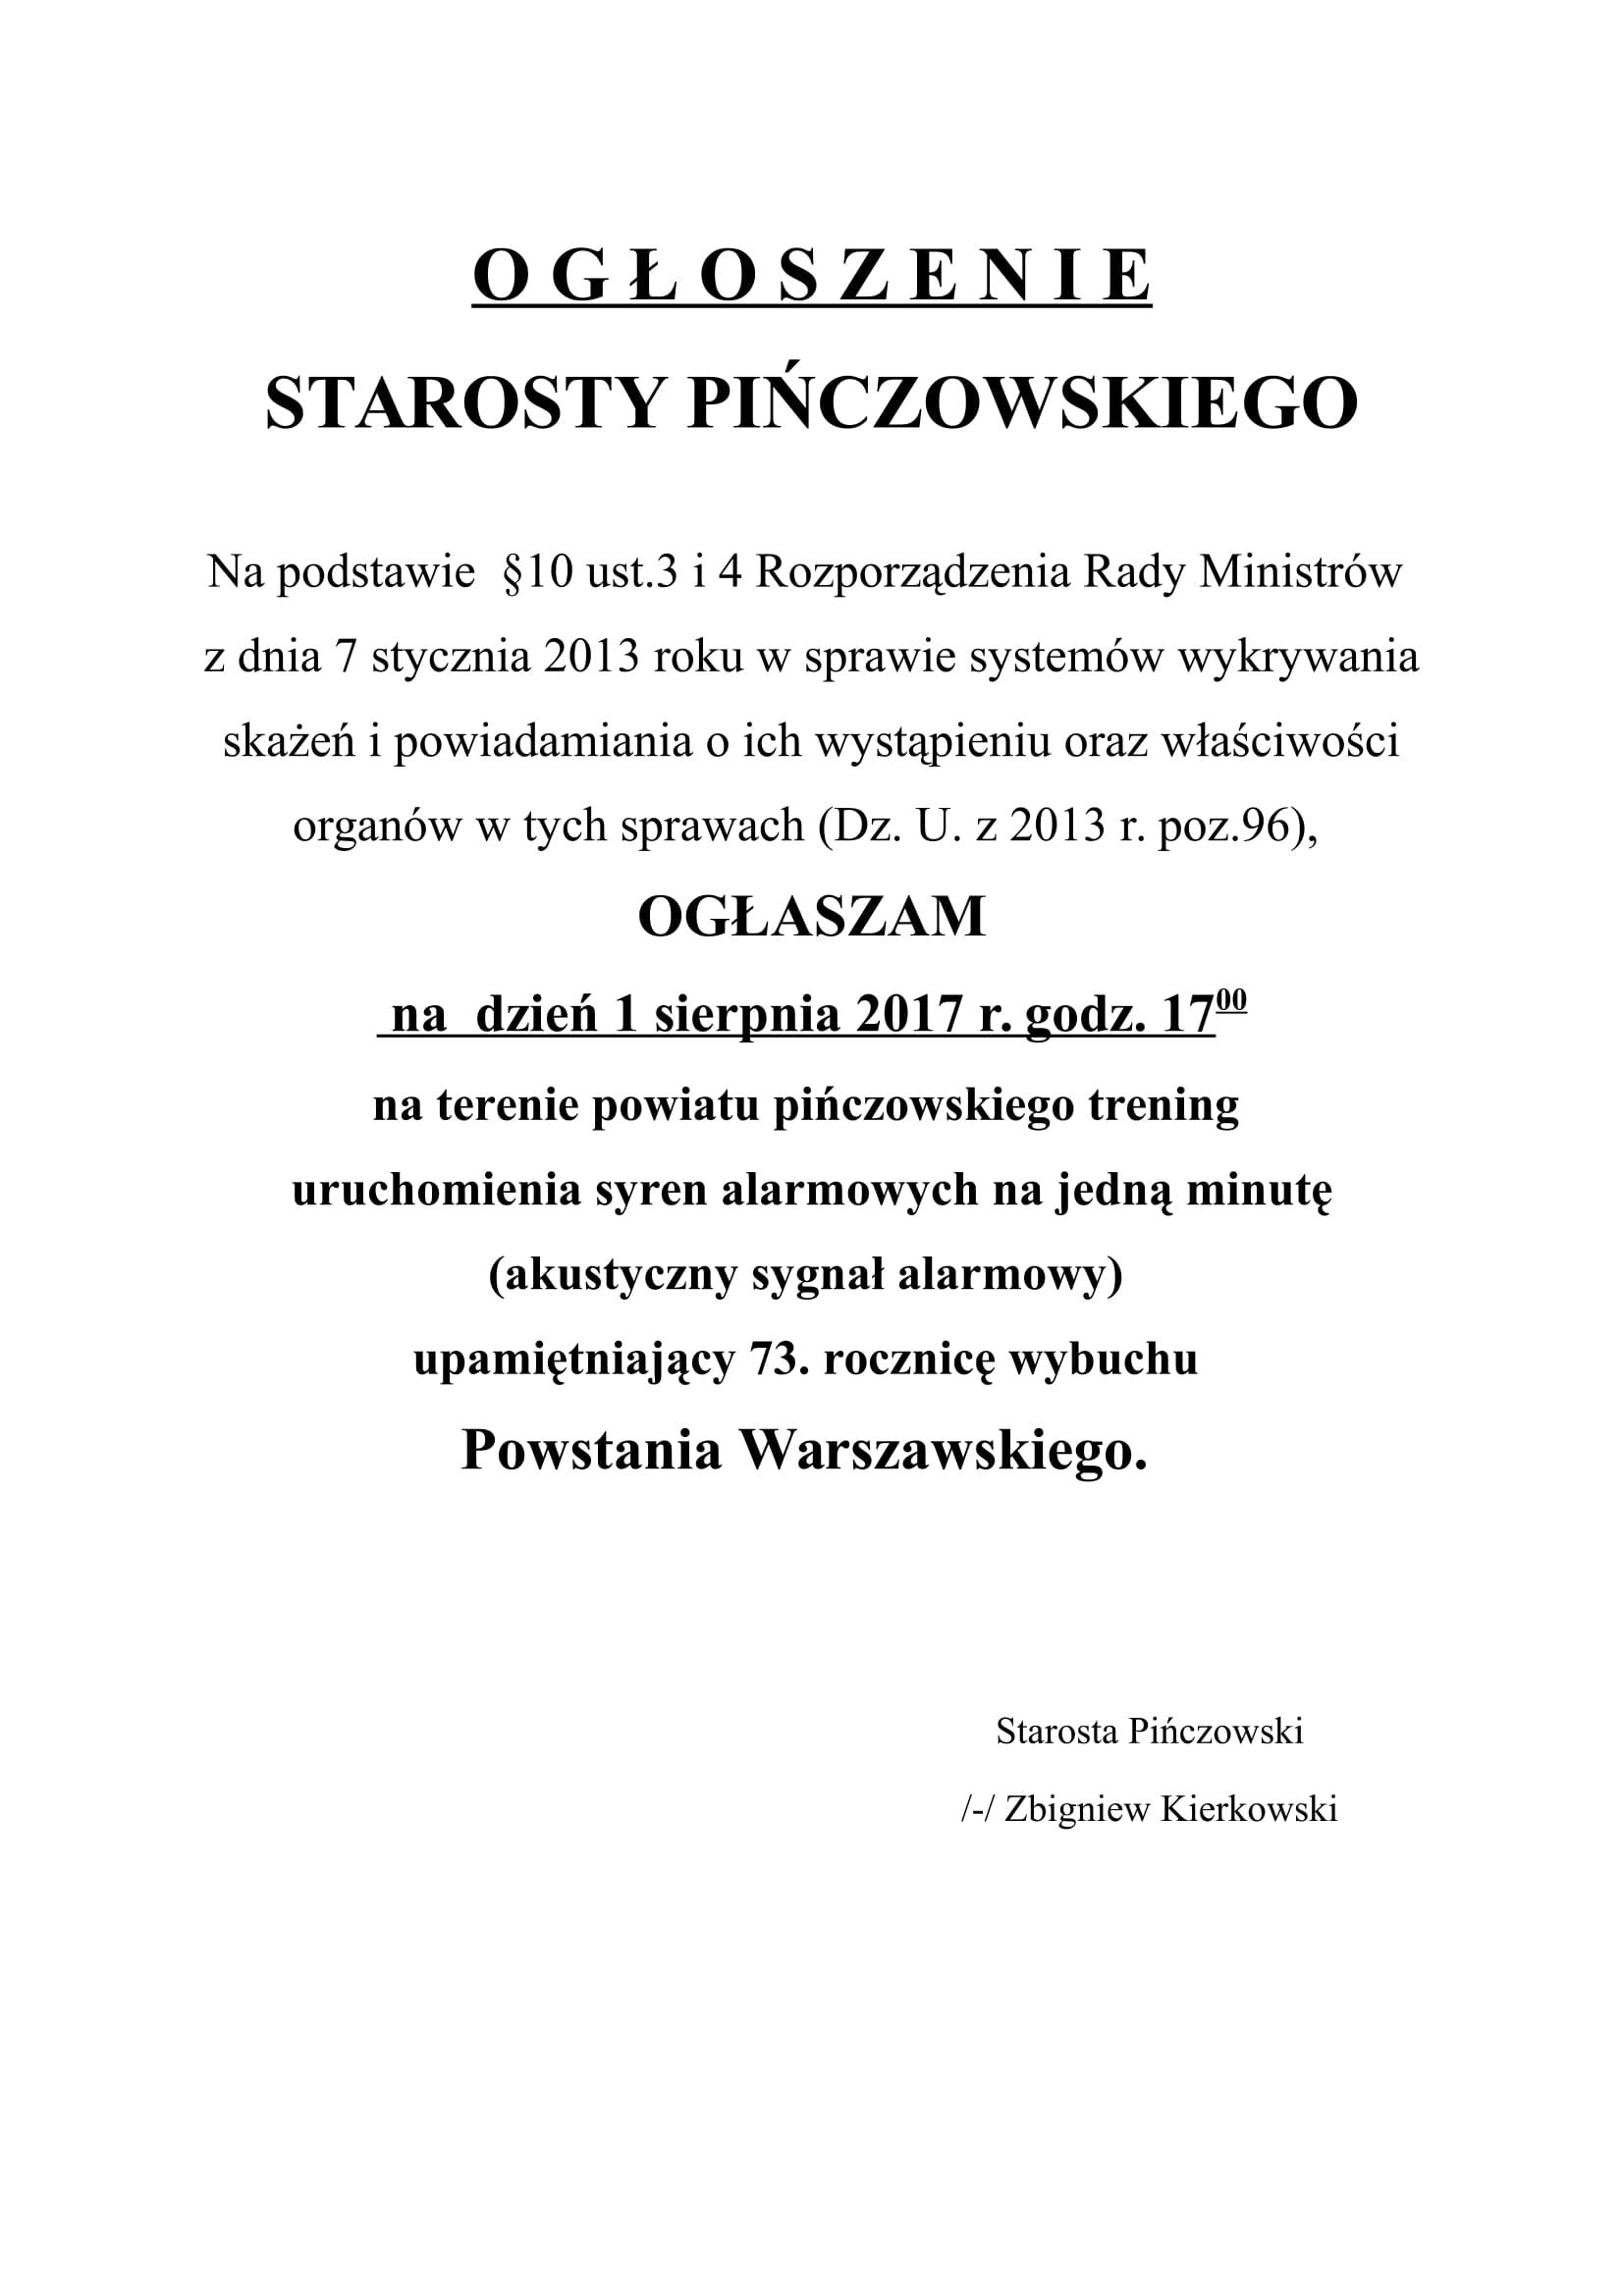 oglosz1.jpg